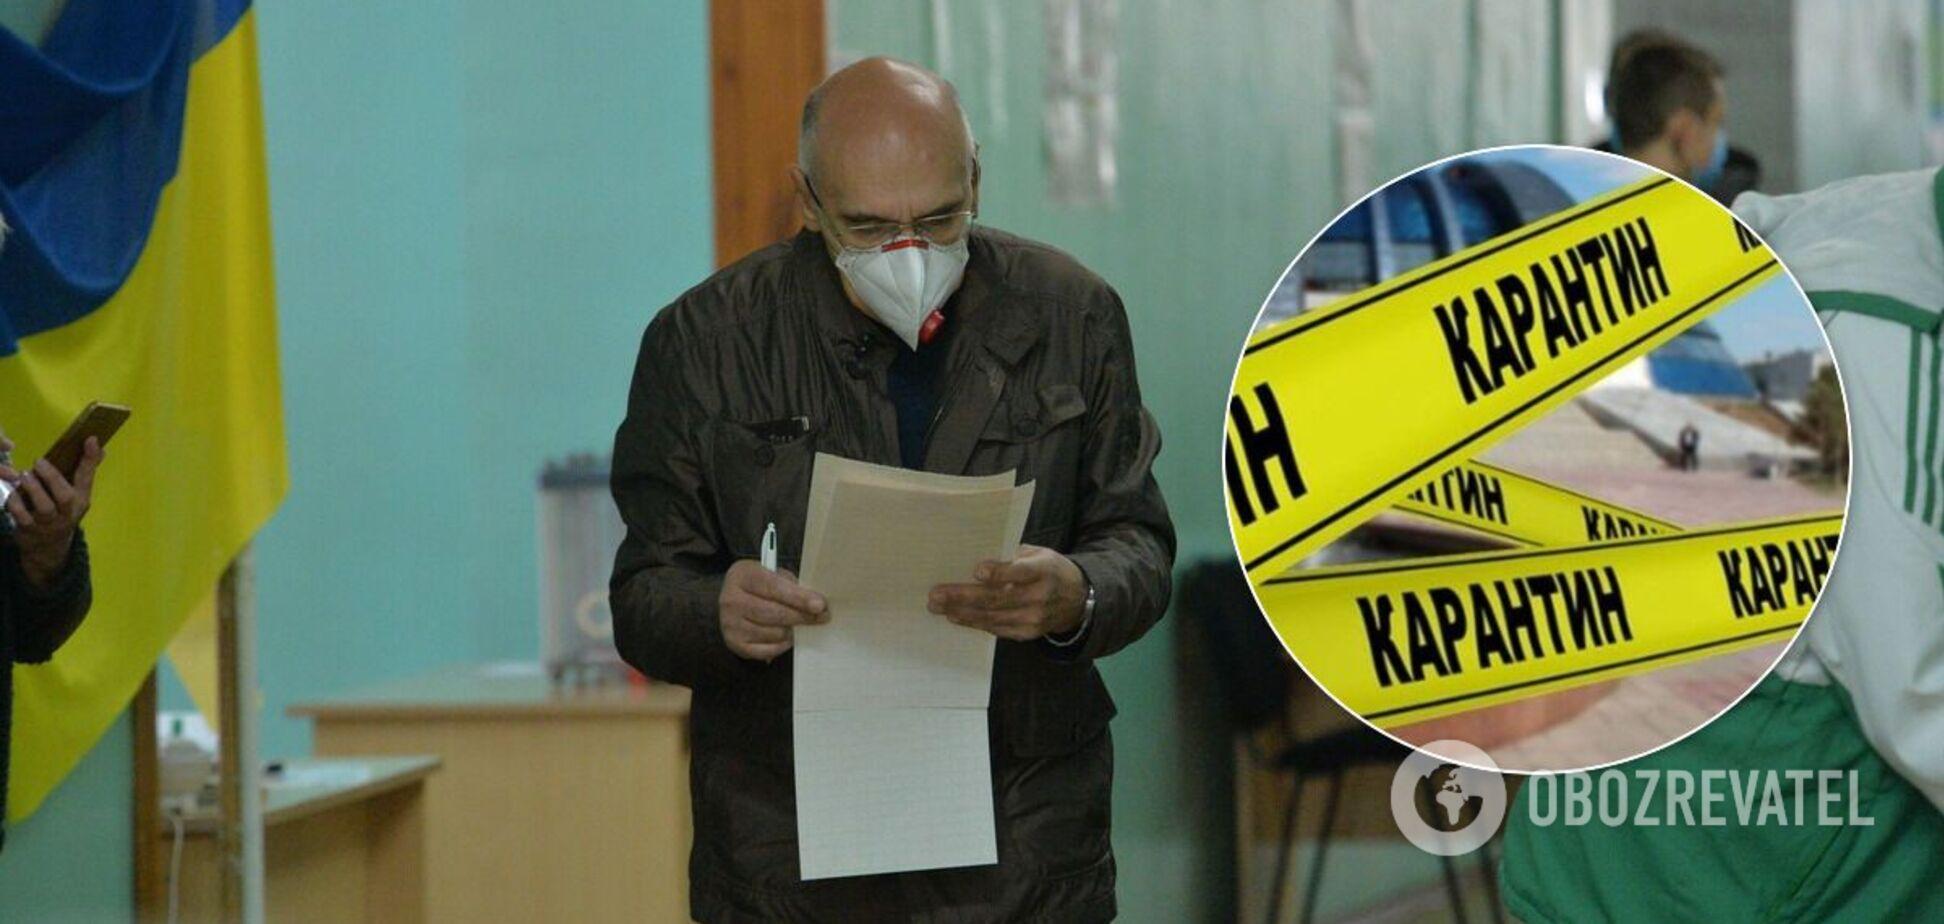 Карантин выходного дня и выборы в Украине